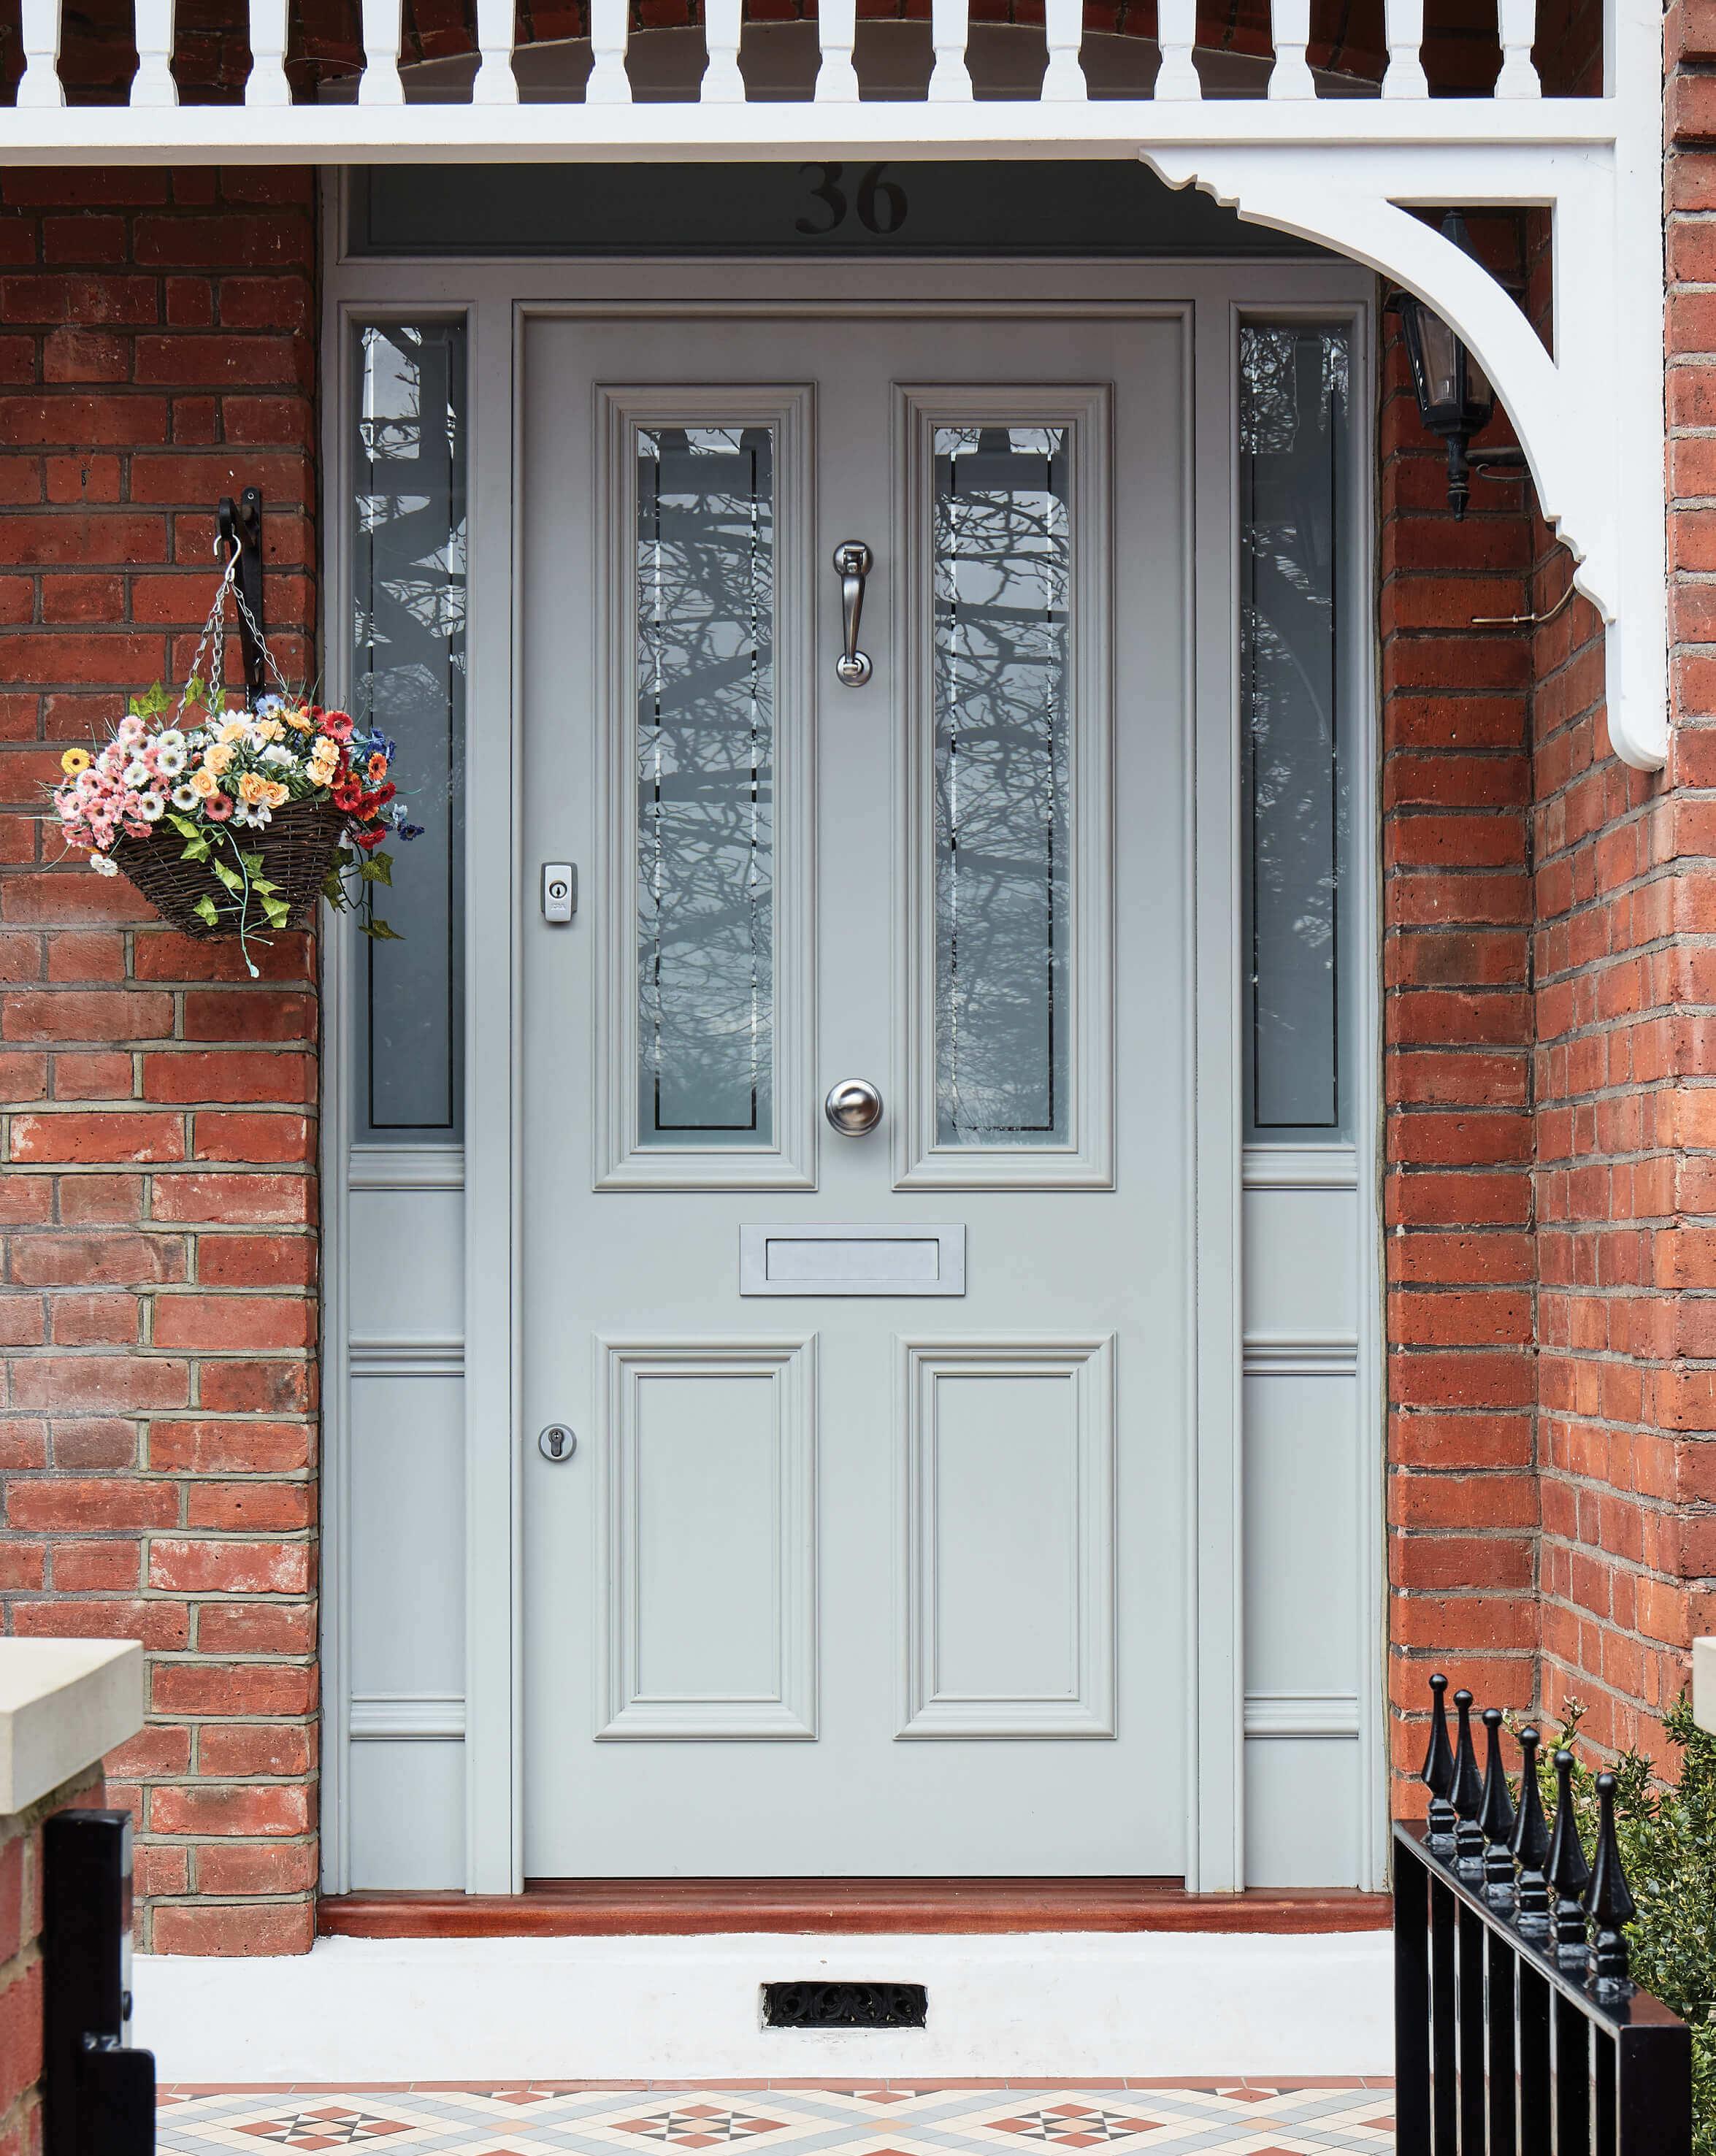 Front doors in the grand way